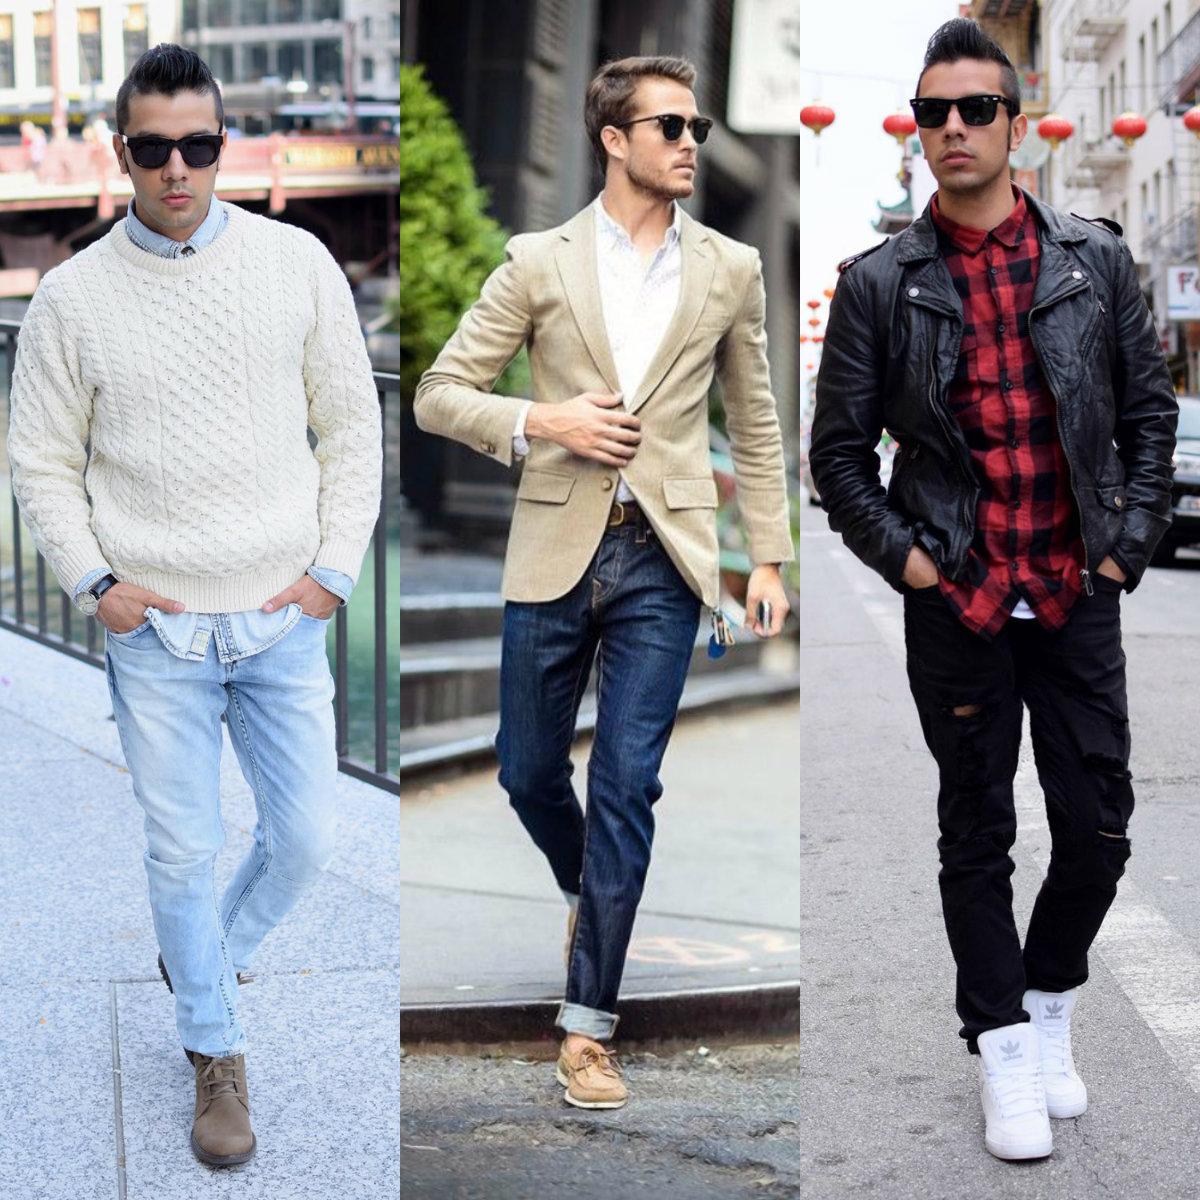 Мужские джинсы 2018: варианты комбинаций с верхом